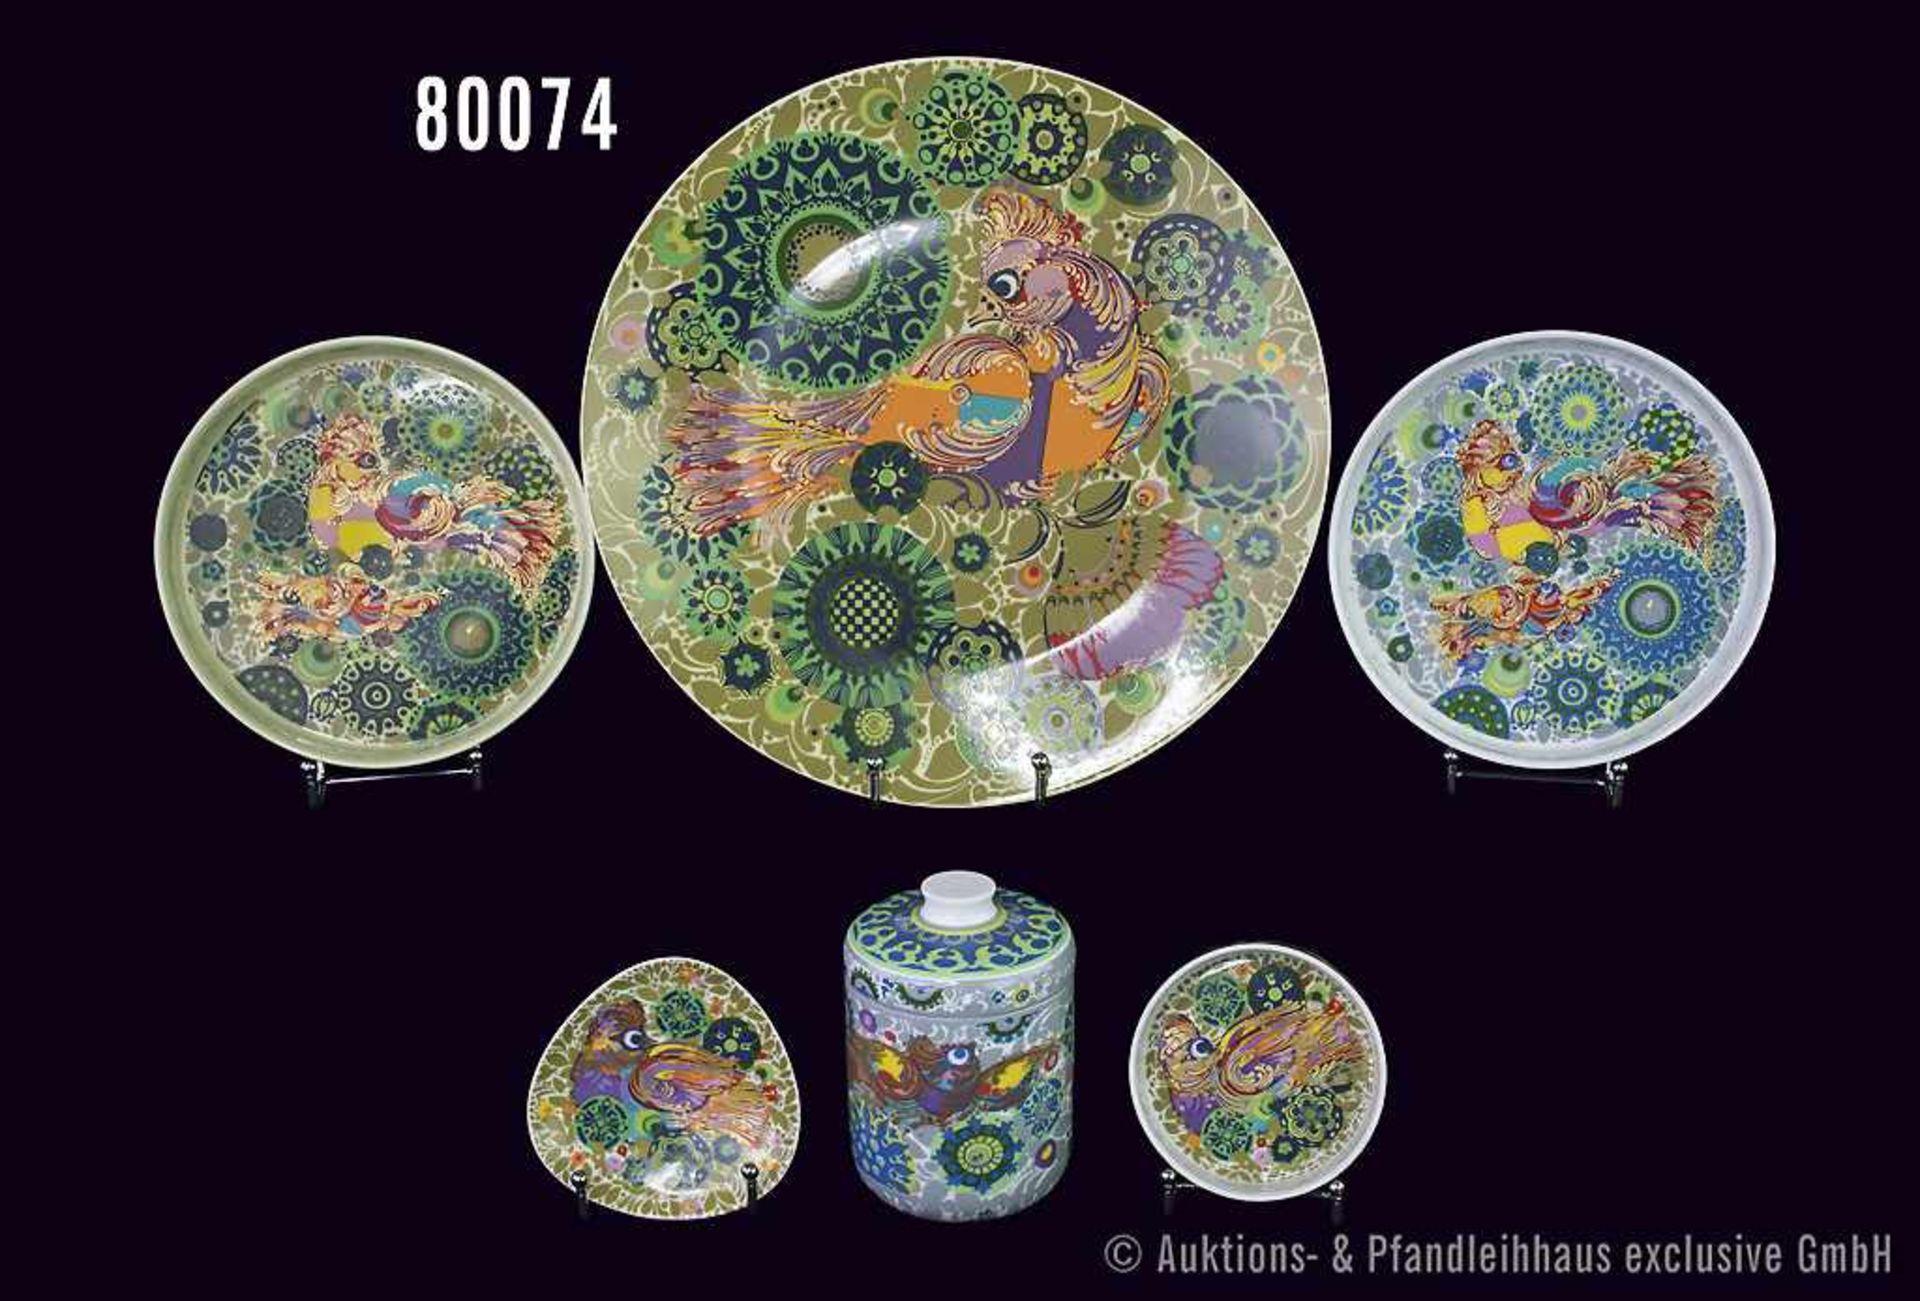 Konv. 6 Teile Rosenthal Porzellan, Dekor Feuervogel, grün und weiß, Künstler Björn Wiinblad, dabei